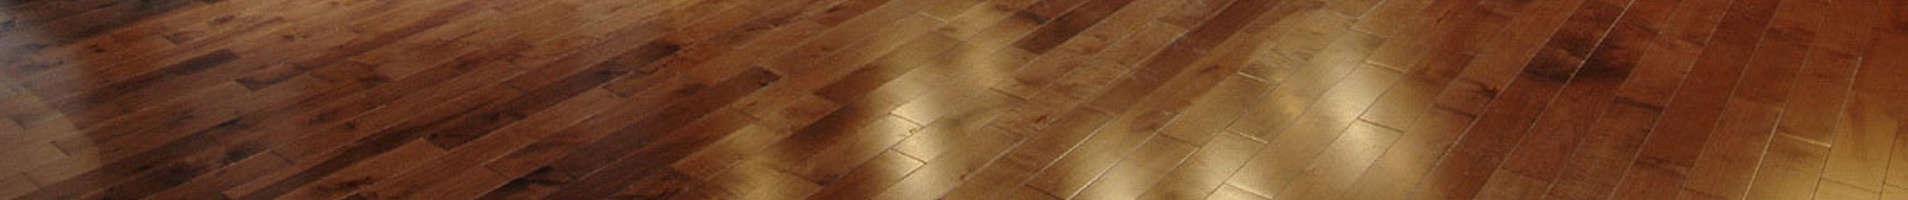 hardwood-flooring-philadelphia-slider-2